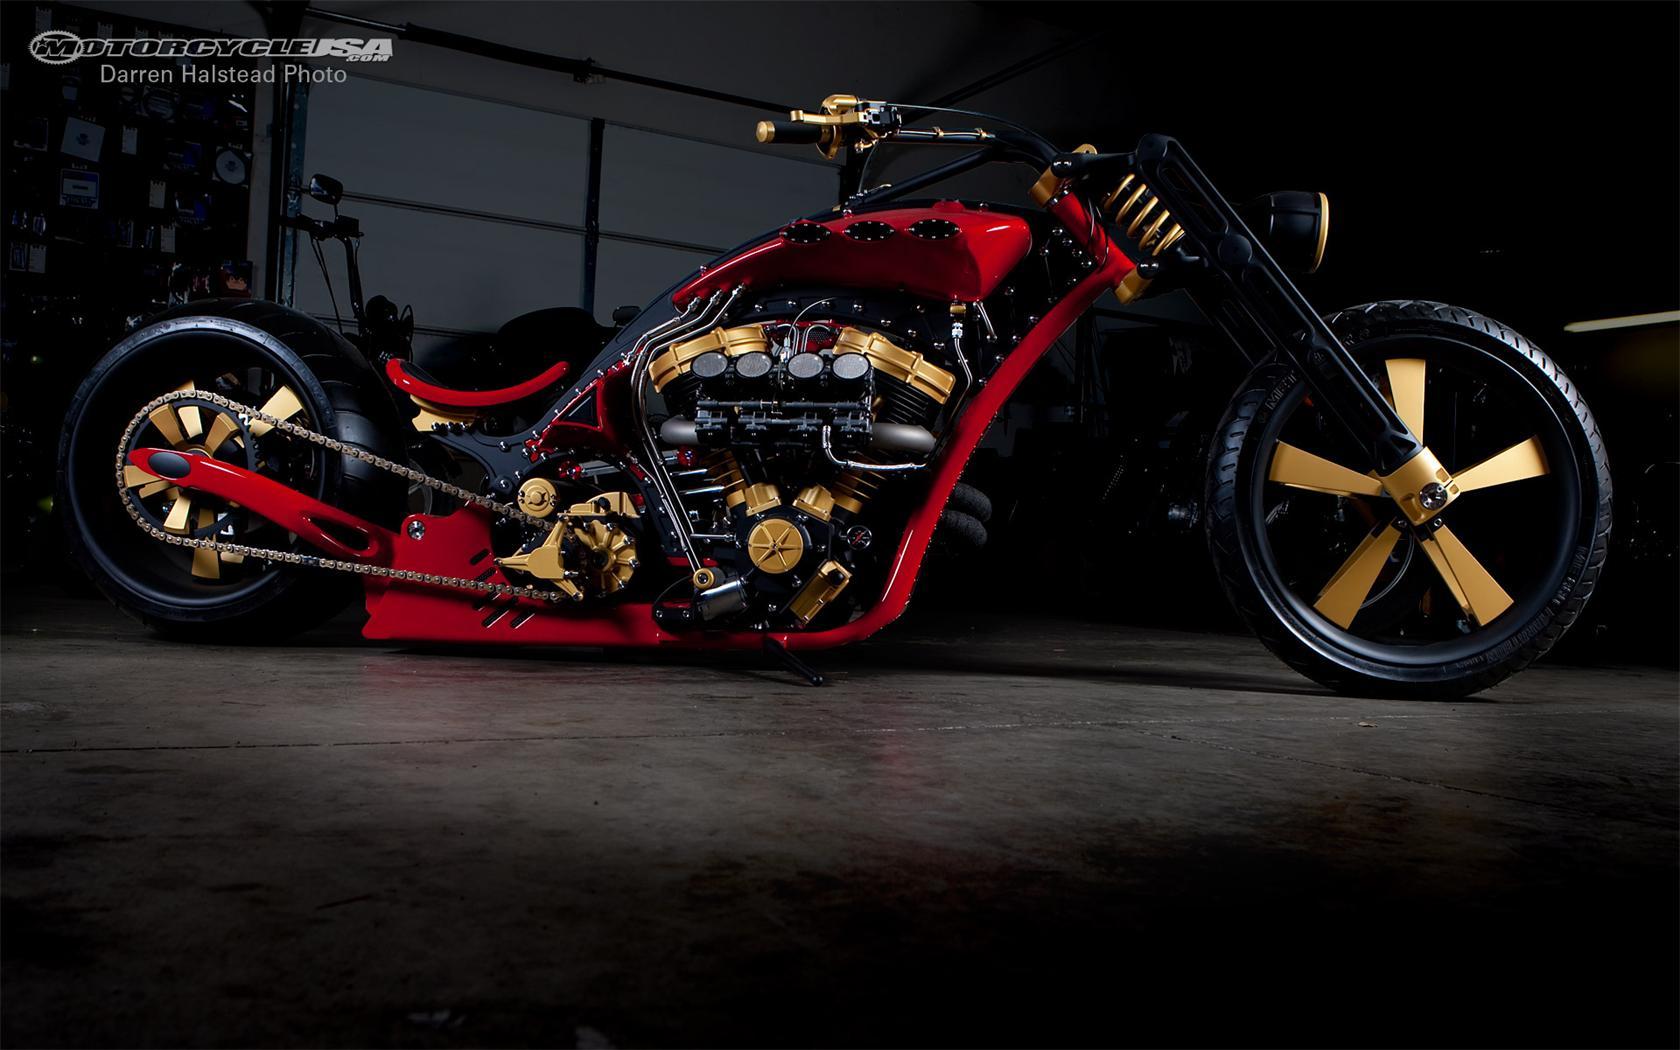 Custom Builders Motorcycle Thunderstruck desktop wallpapers 1024x768 1680x1050